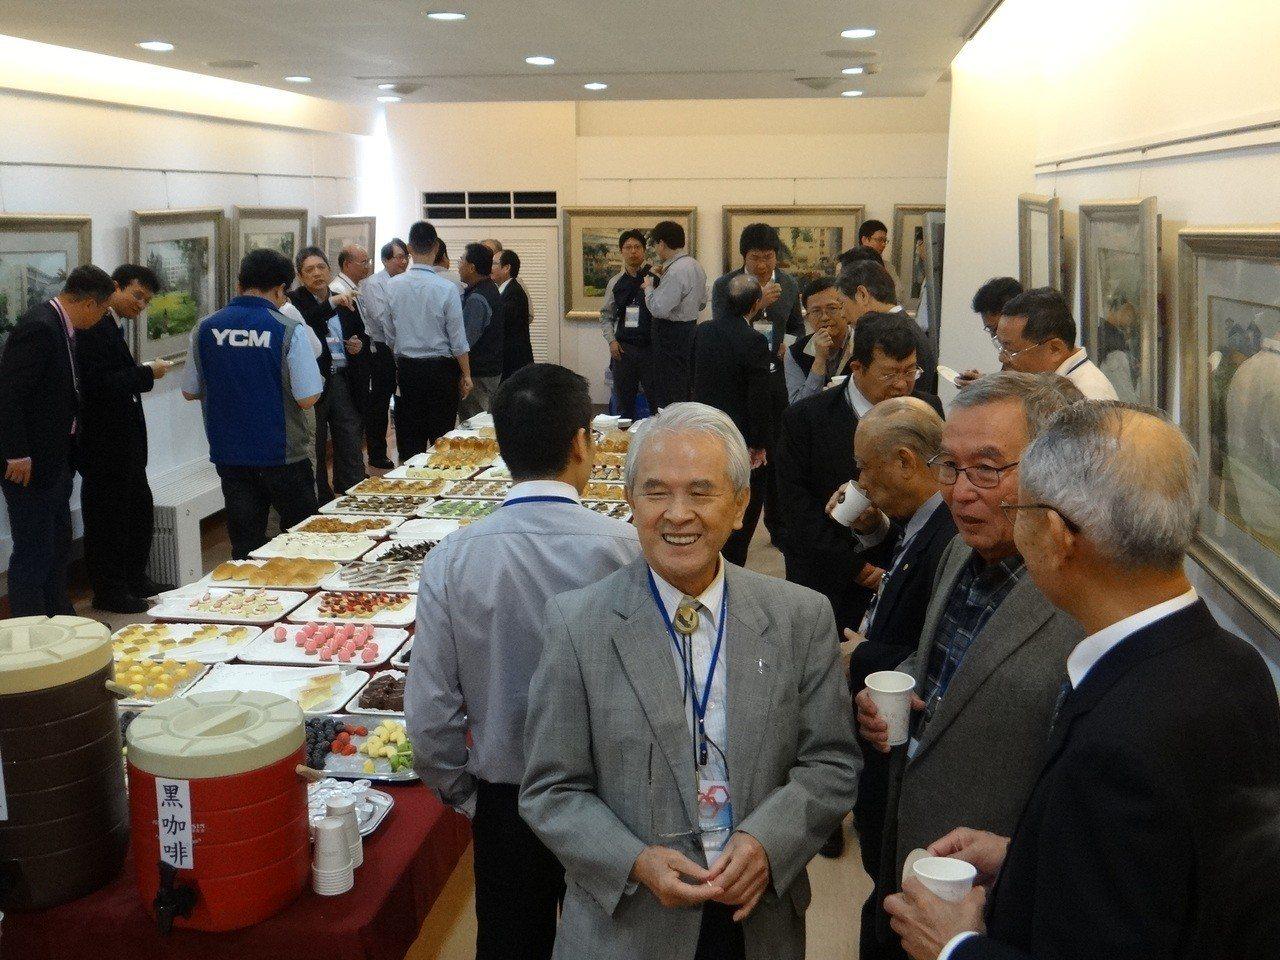 虎尾科大師生團隊研發成功的「五軸光學式檢測系統」,台灣20多家科技產業董事長難得...